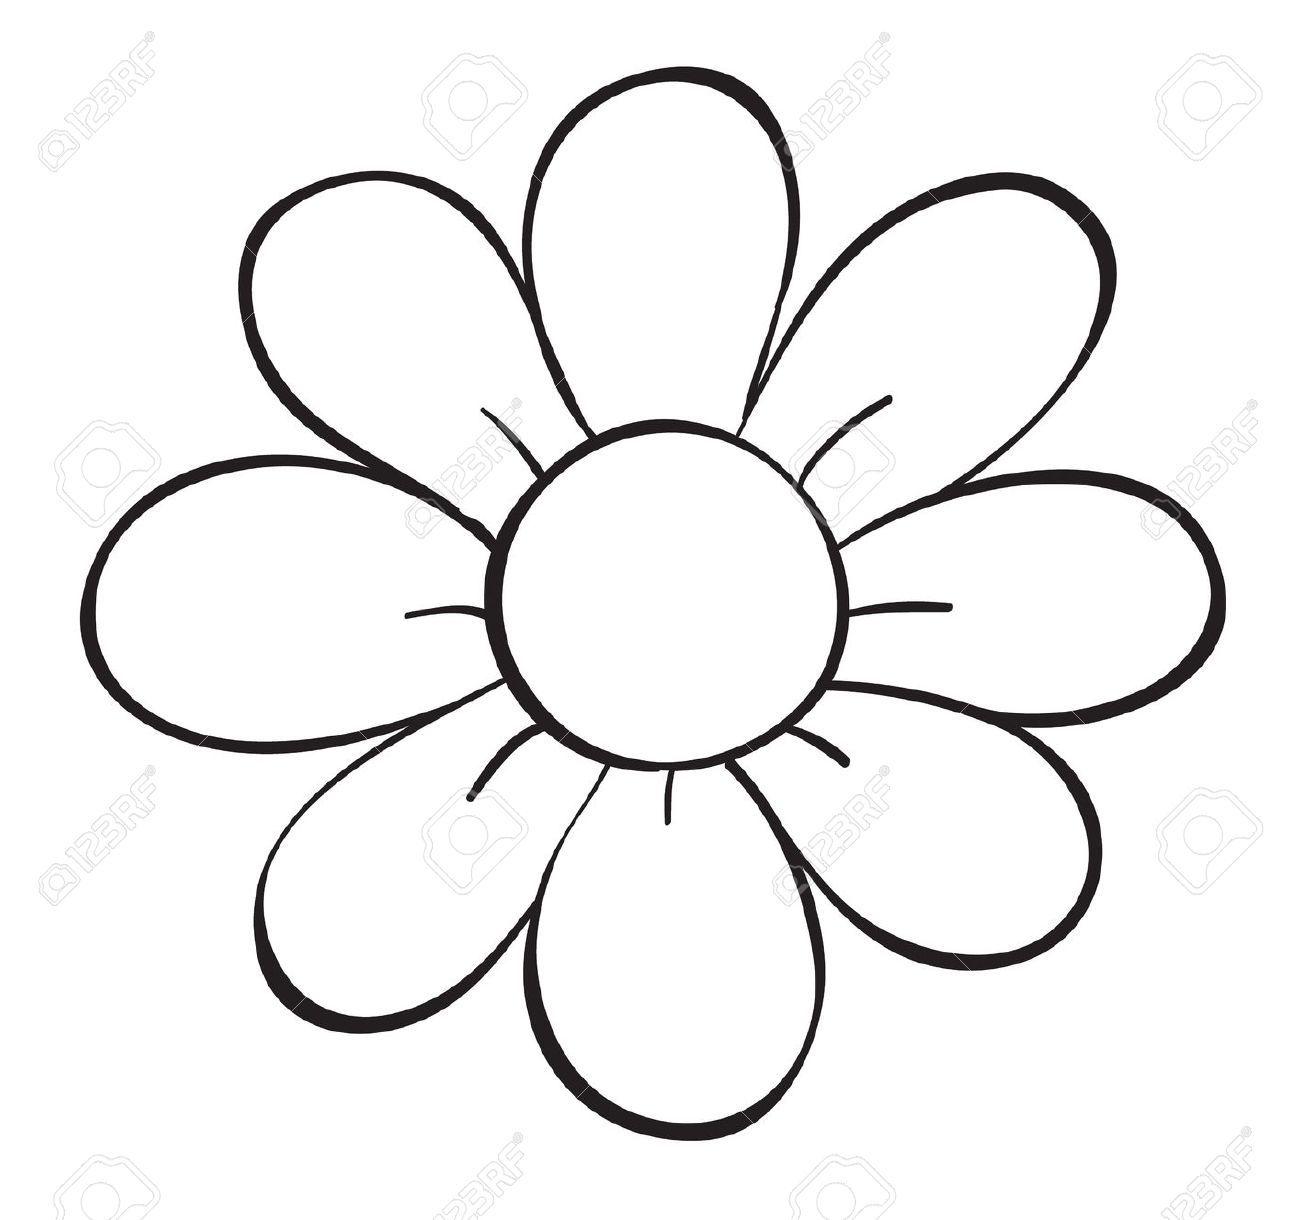 Pingl par soirassot sur winnie l 39 ourson pinterest dessin dessin fleur et p tales - Coloriage fleur 8 petales ...